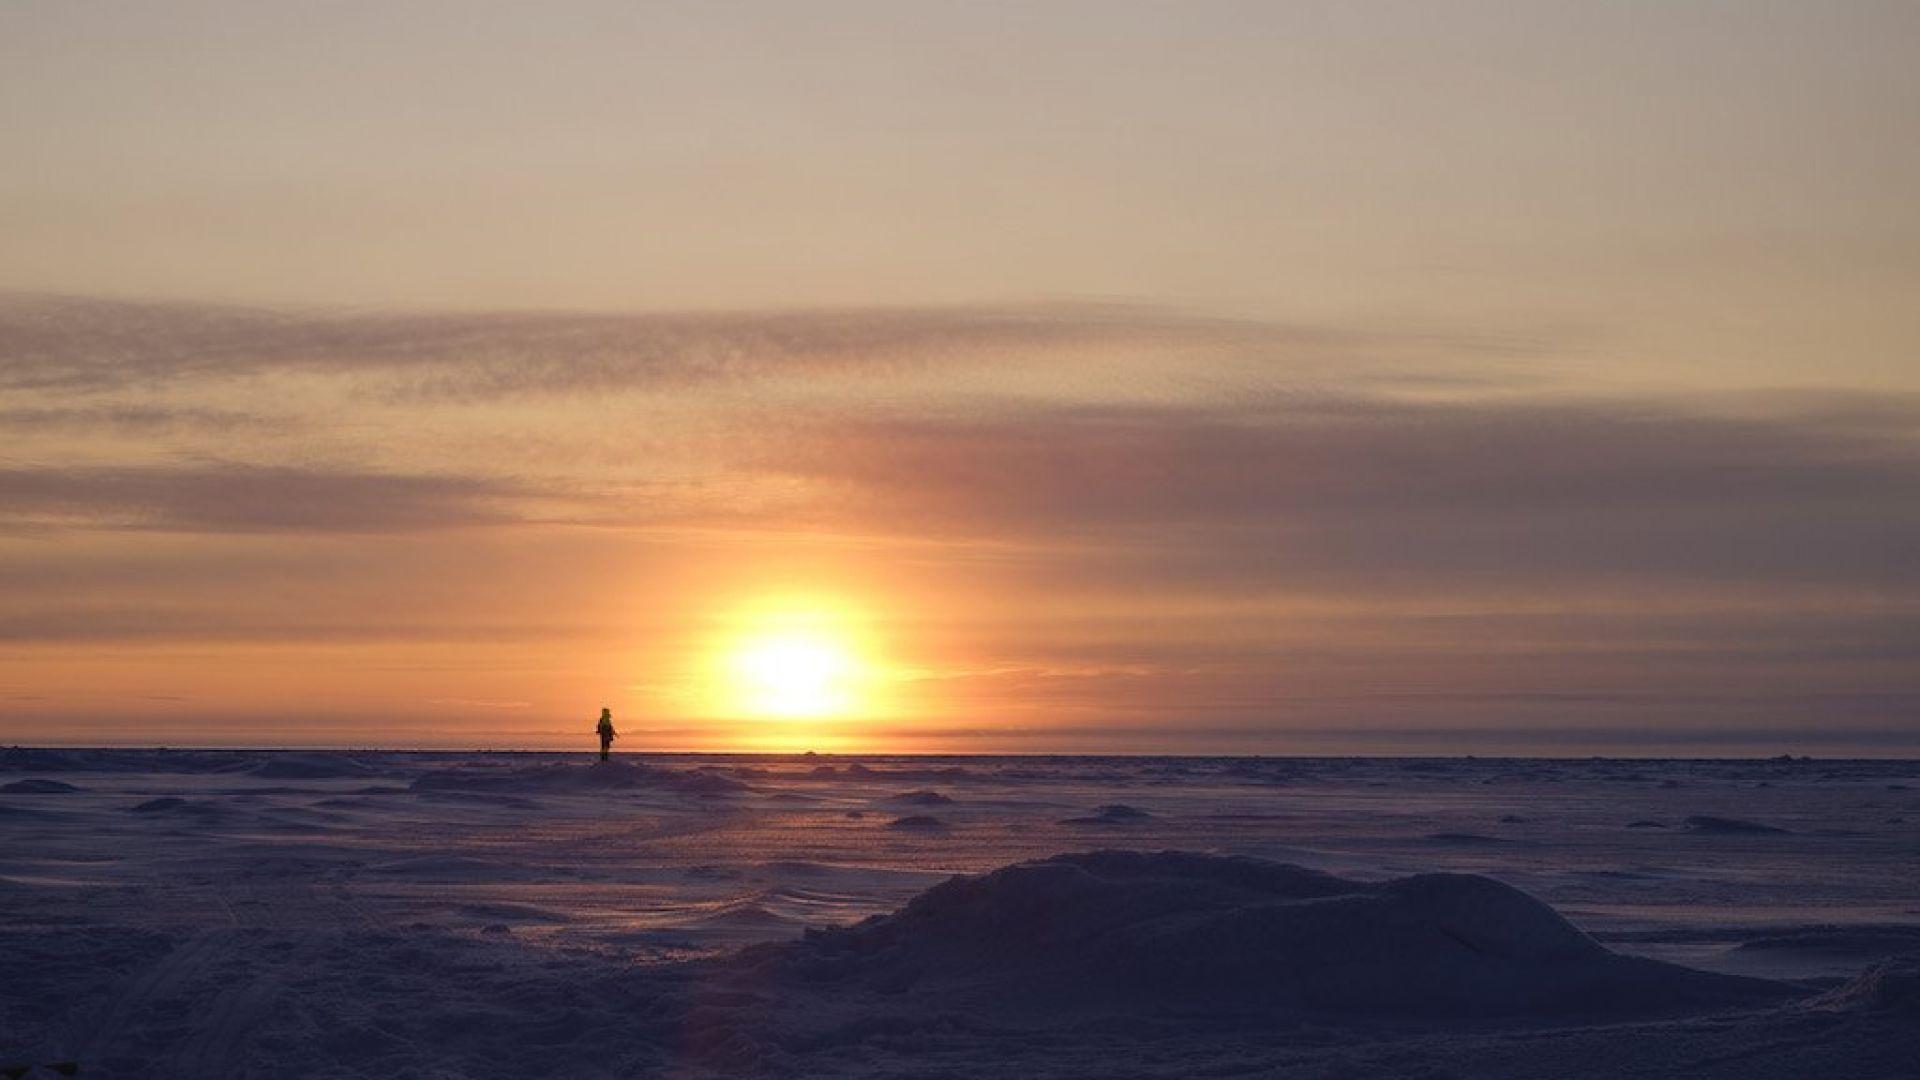 Къде най-северно грее слънцето в момента?